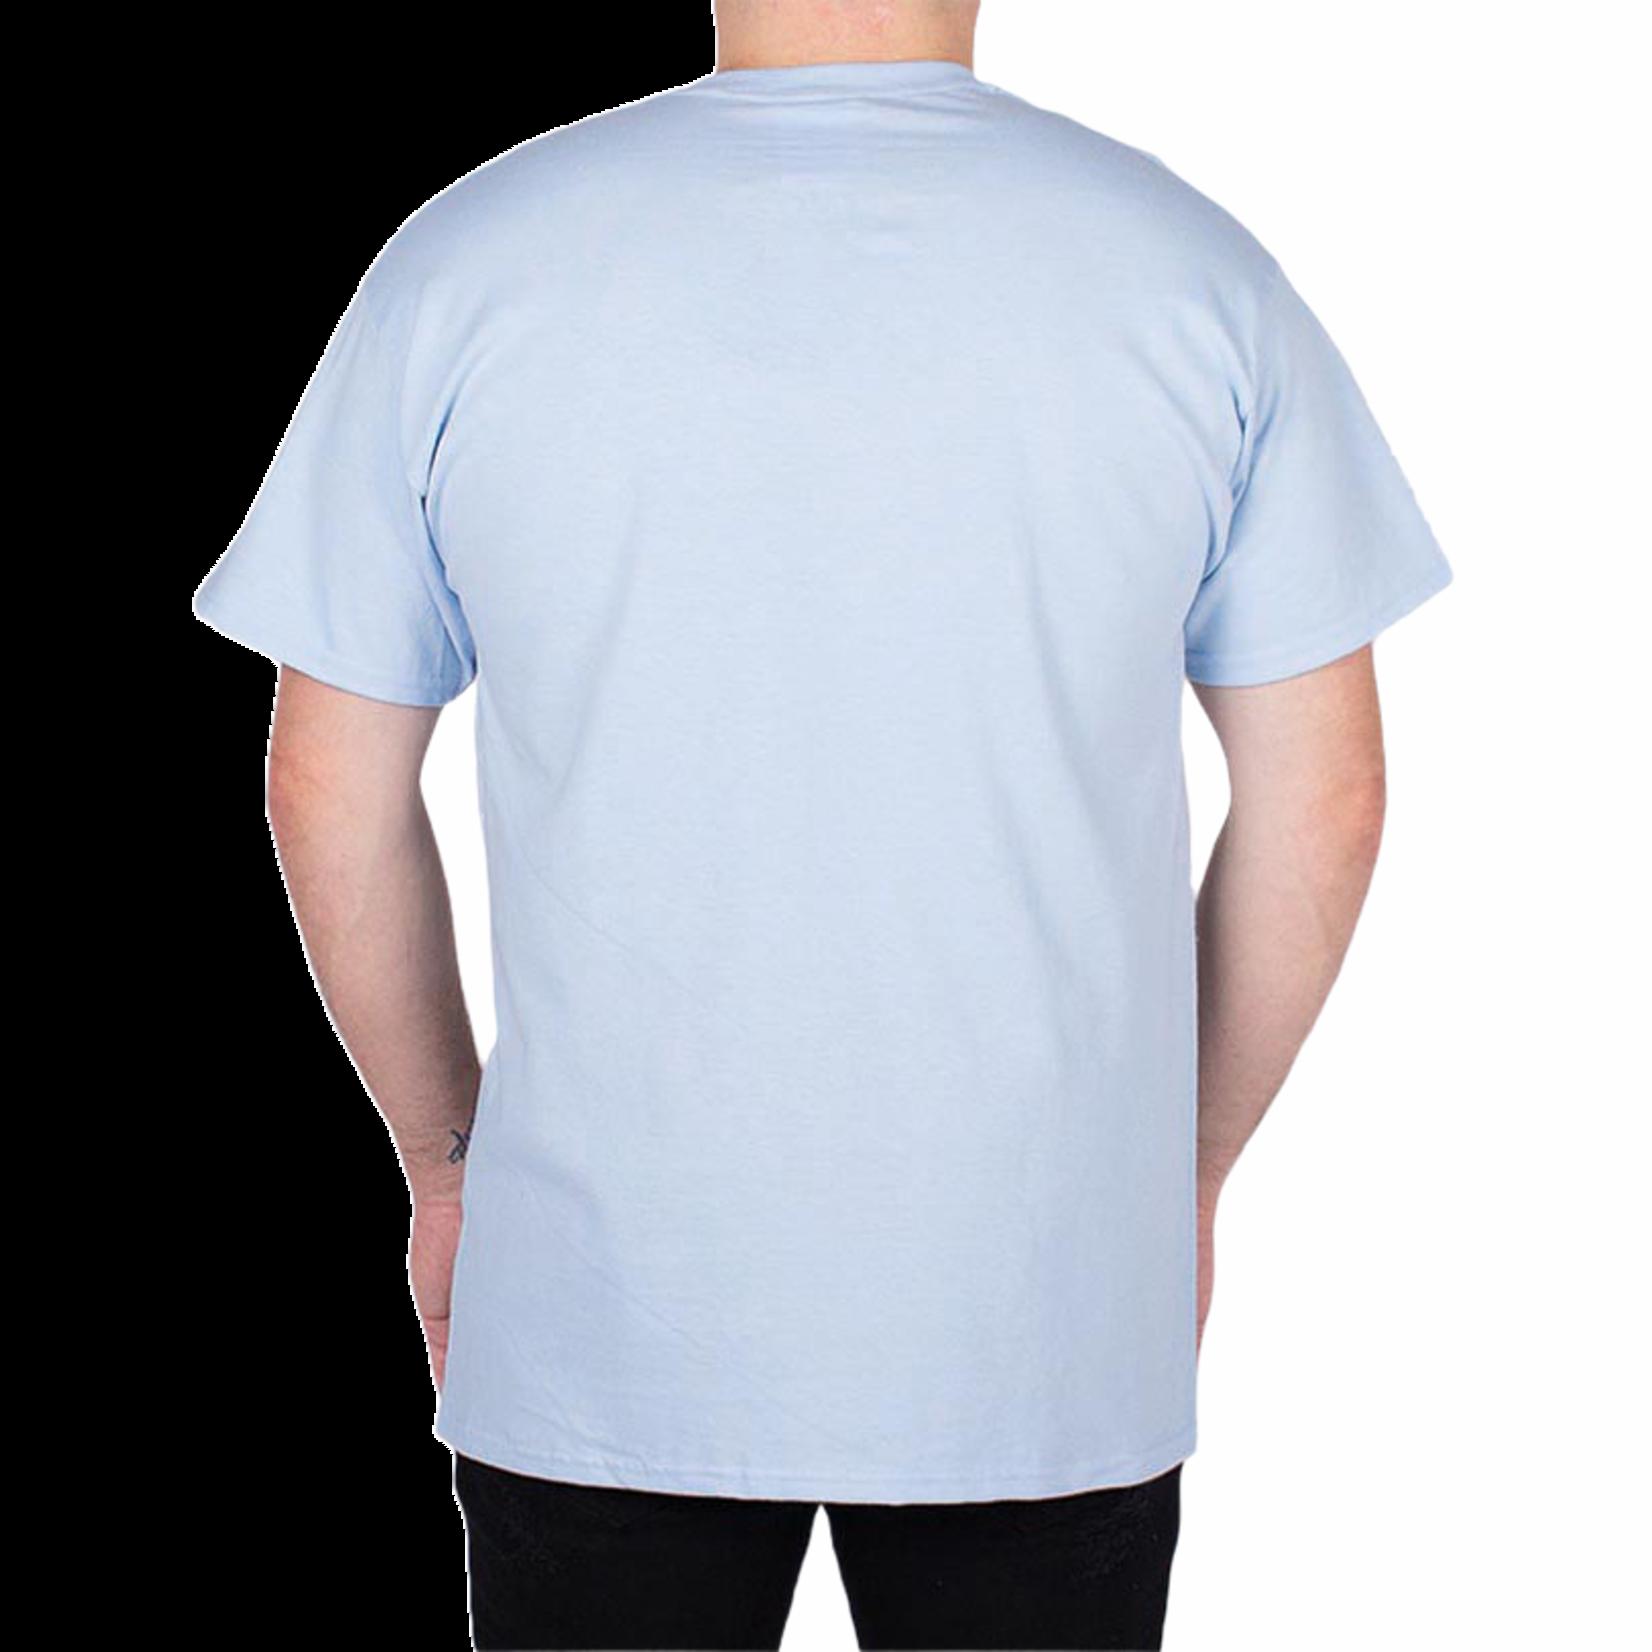 WLKN WLKN : Script T-Shirt